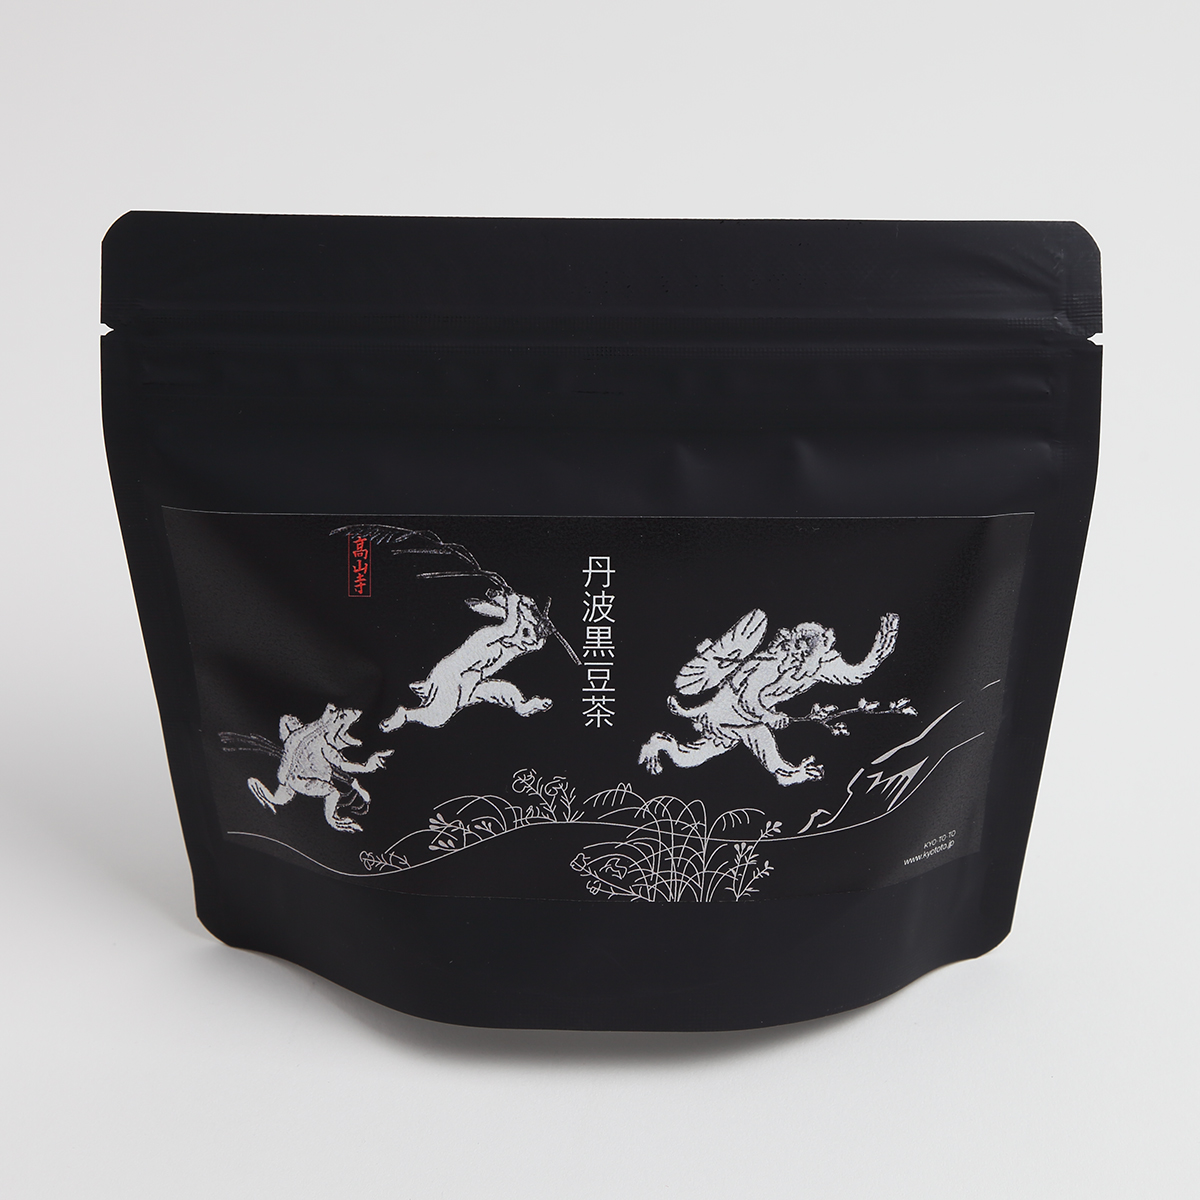 KY02-882K/丹波黒豆茶/鳥獣人物戯画(黒)